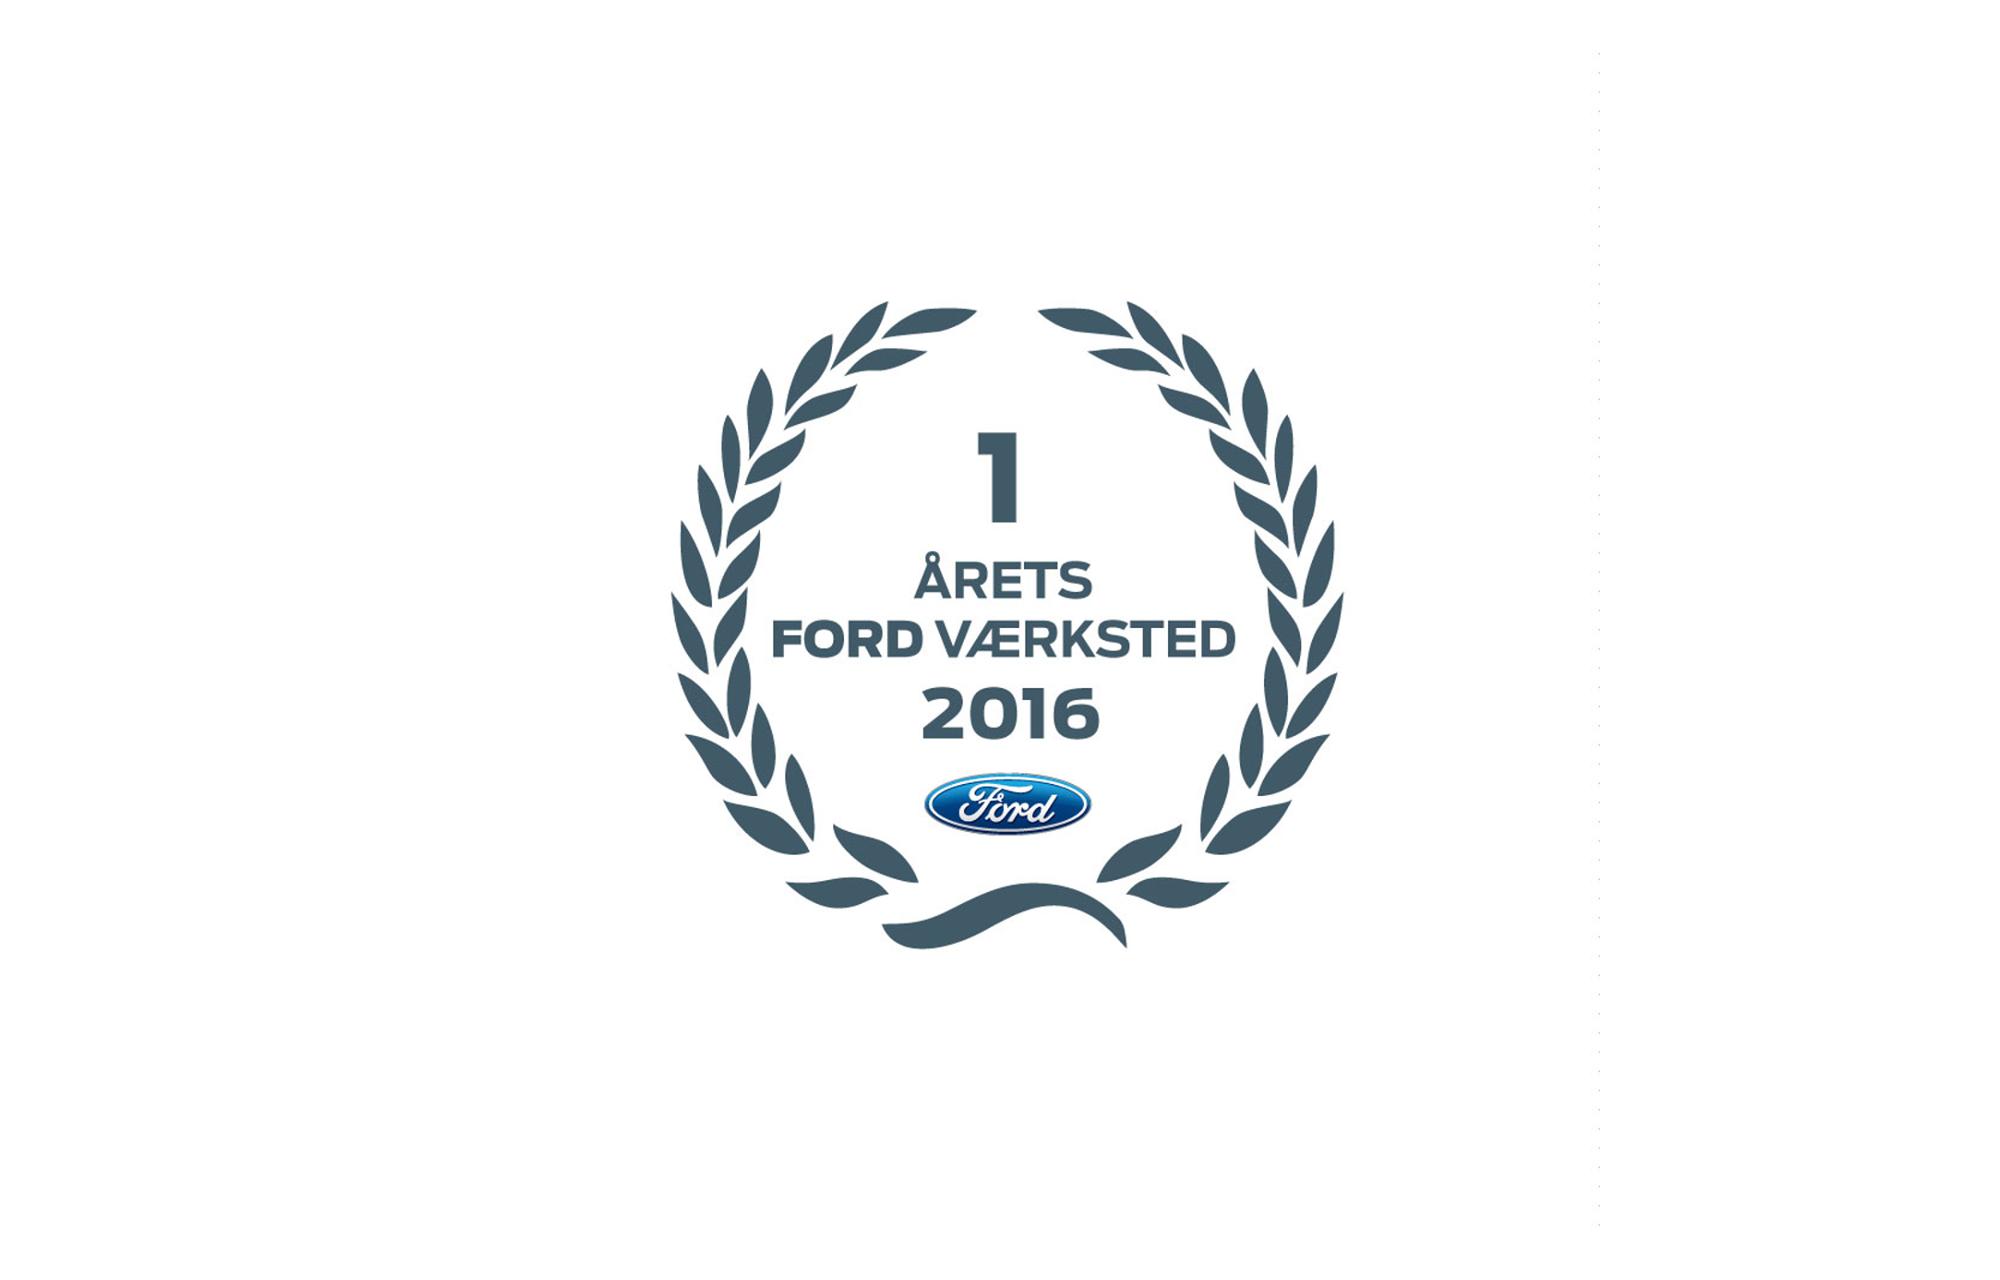 Årets Ford Værksted 2016